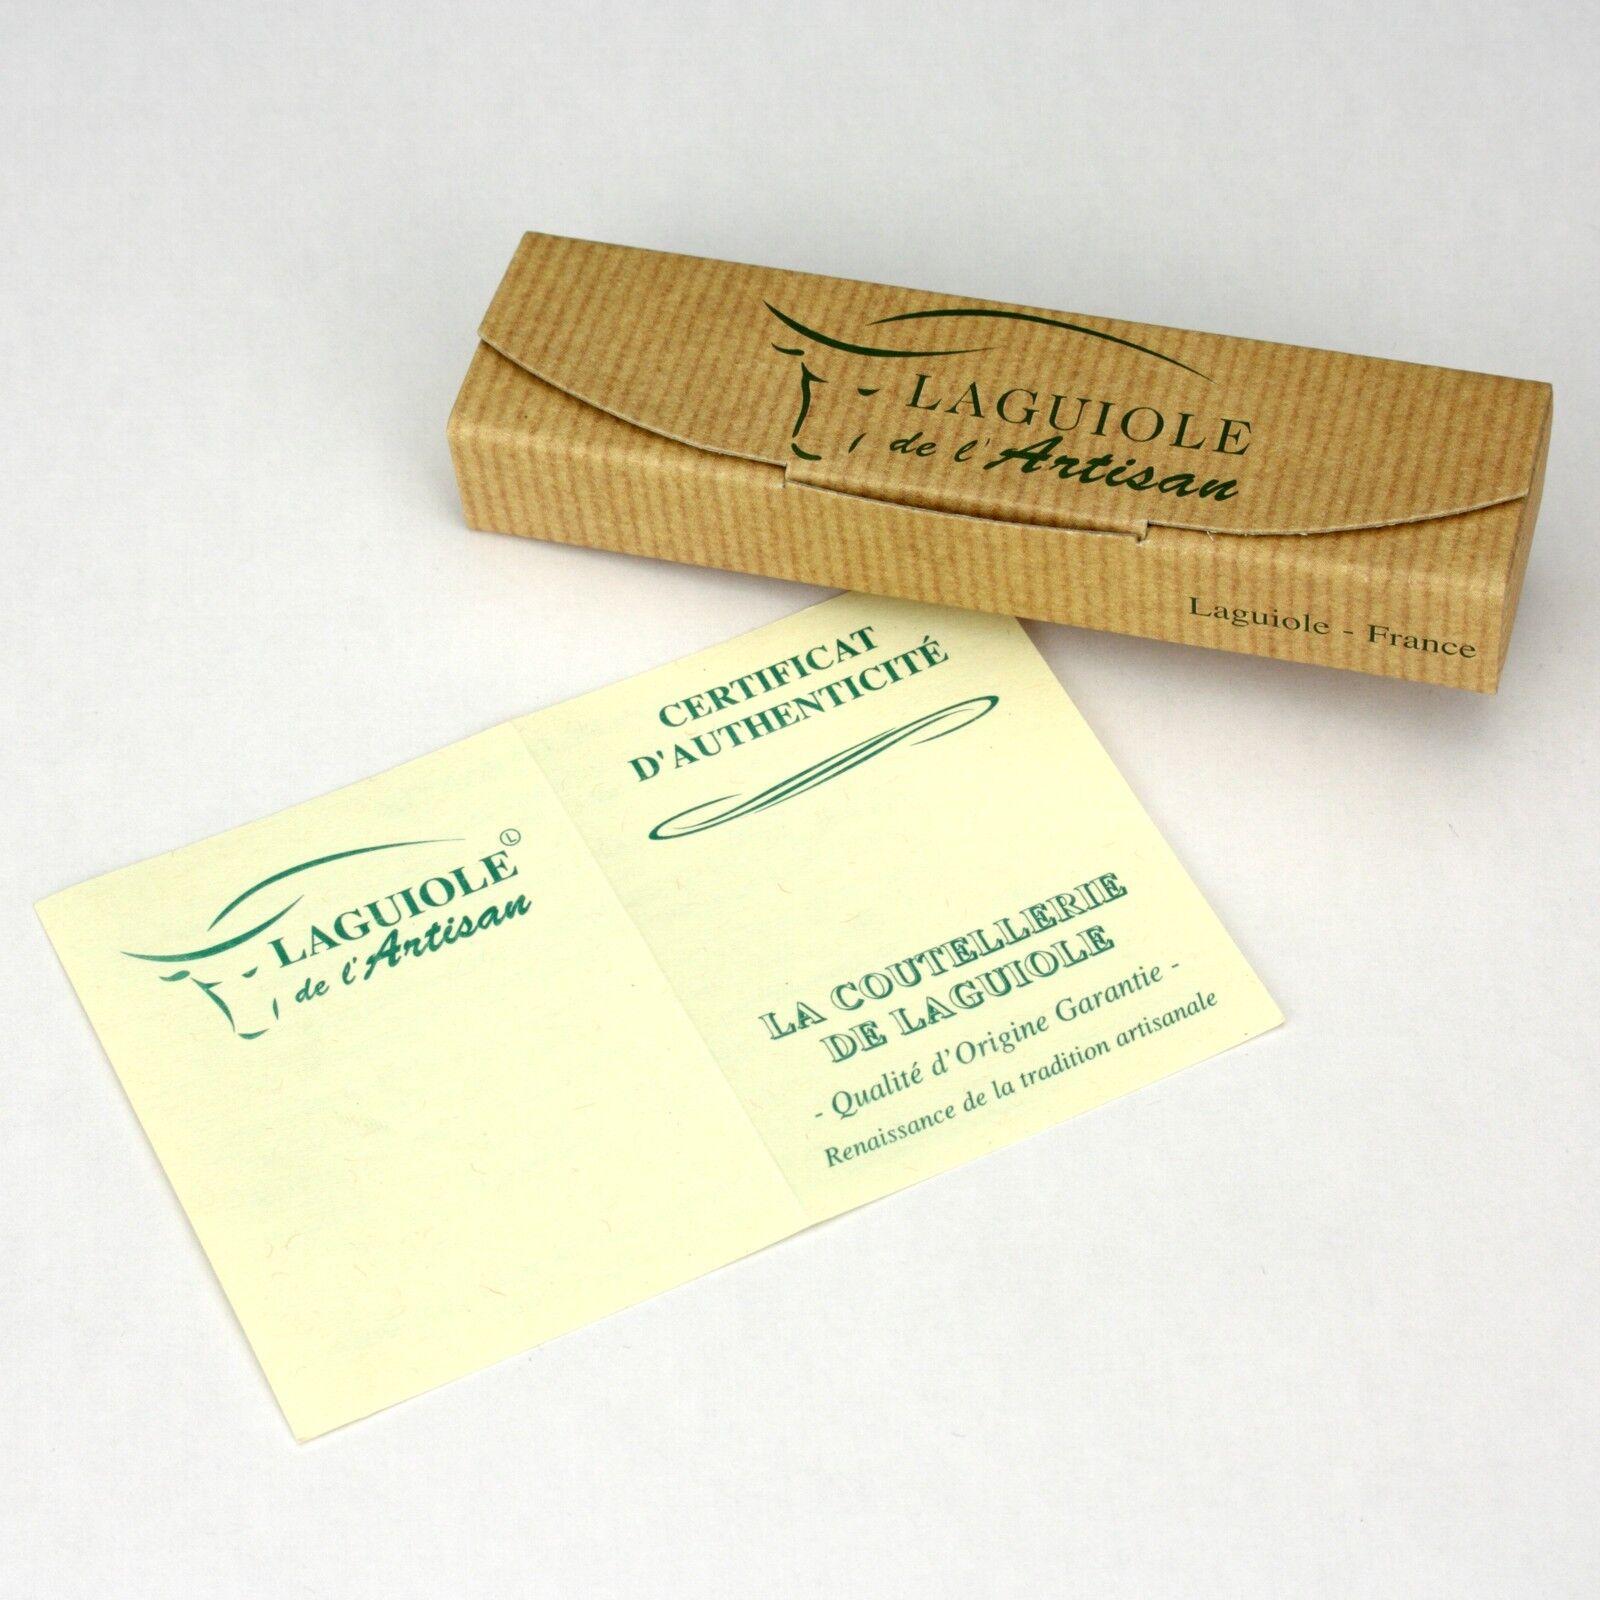 Laguiole Honoré Durand Taschenmesser Taschenmesser Taschenmesser Griff Olivenholz 11 cm Messer Klinge matt 4d265a